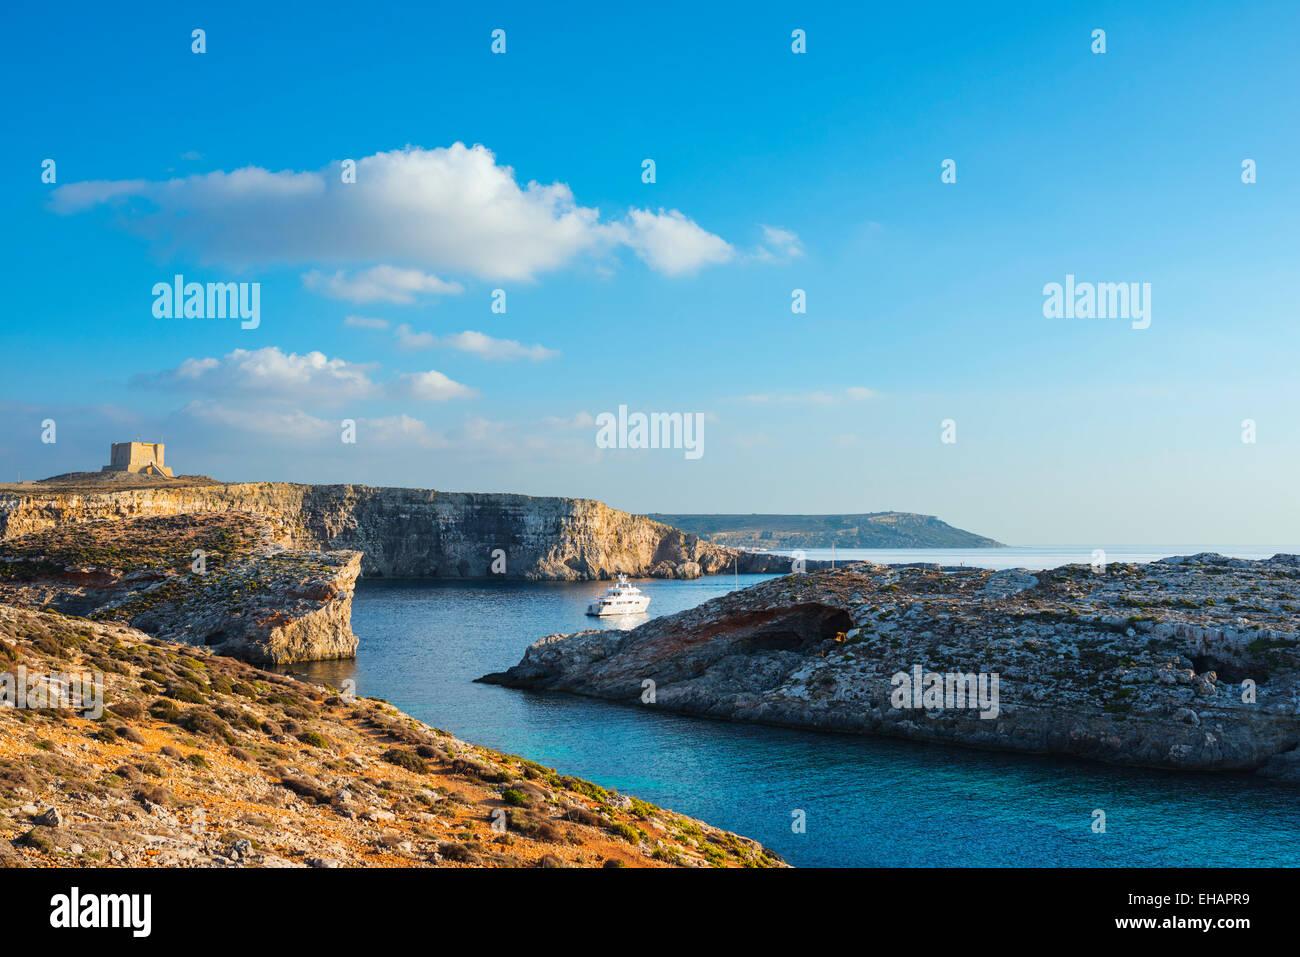 Mittelmeer Europa, Malta, Comino Insel, Klippe Top Wachturm Stockbild